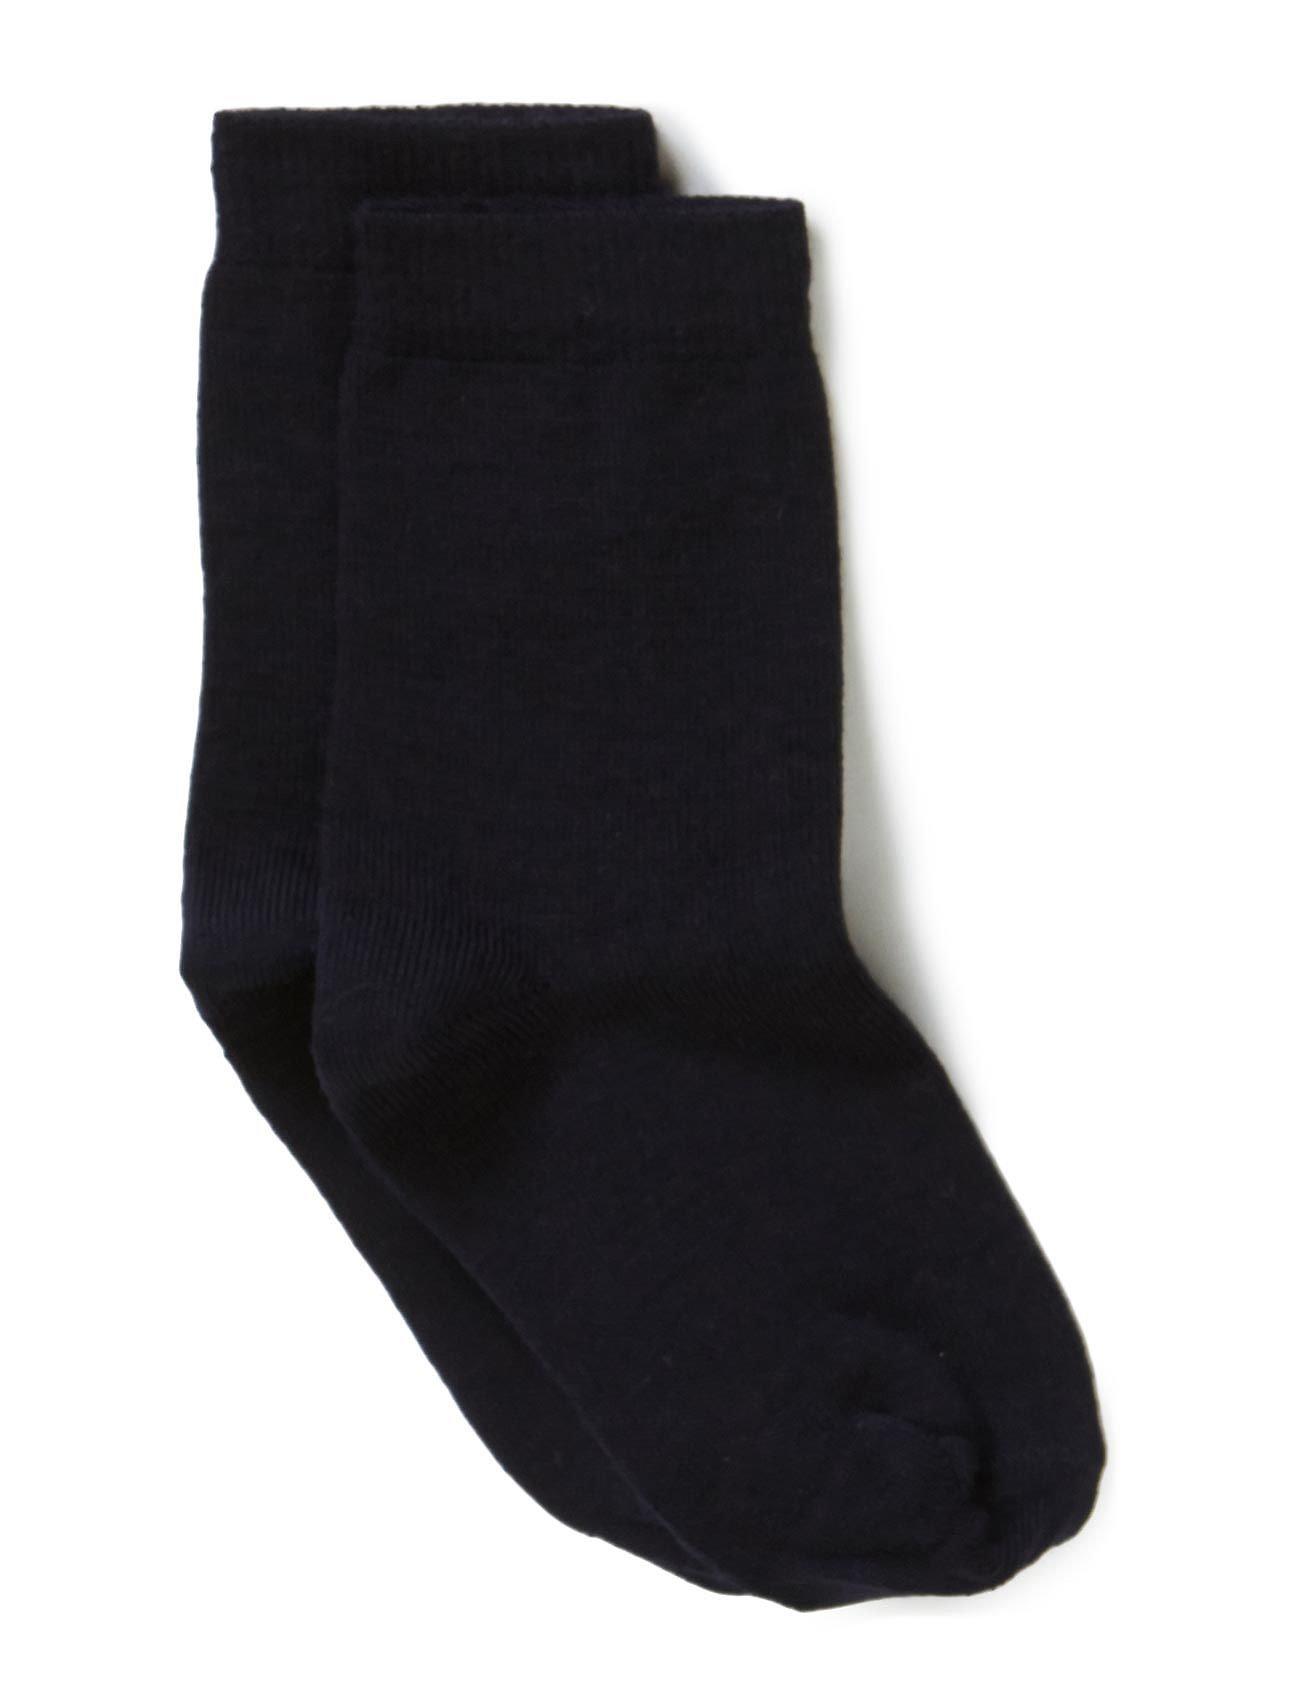 Melton Classic, Basic Wo/Co Sock - 285/Marine